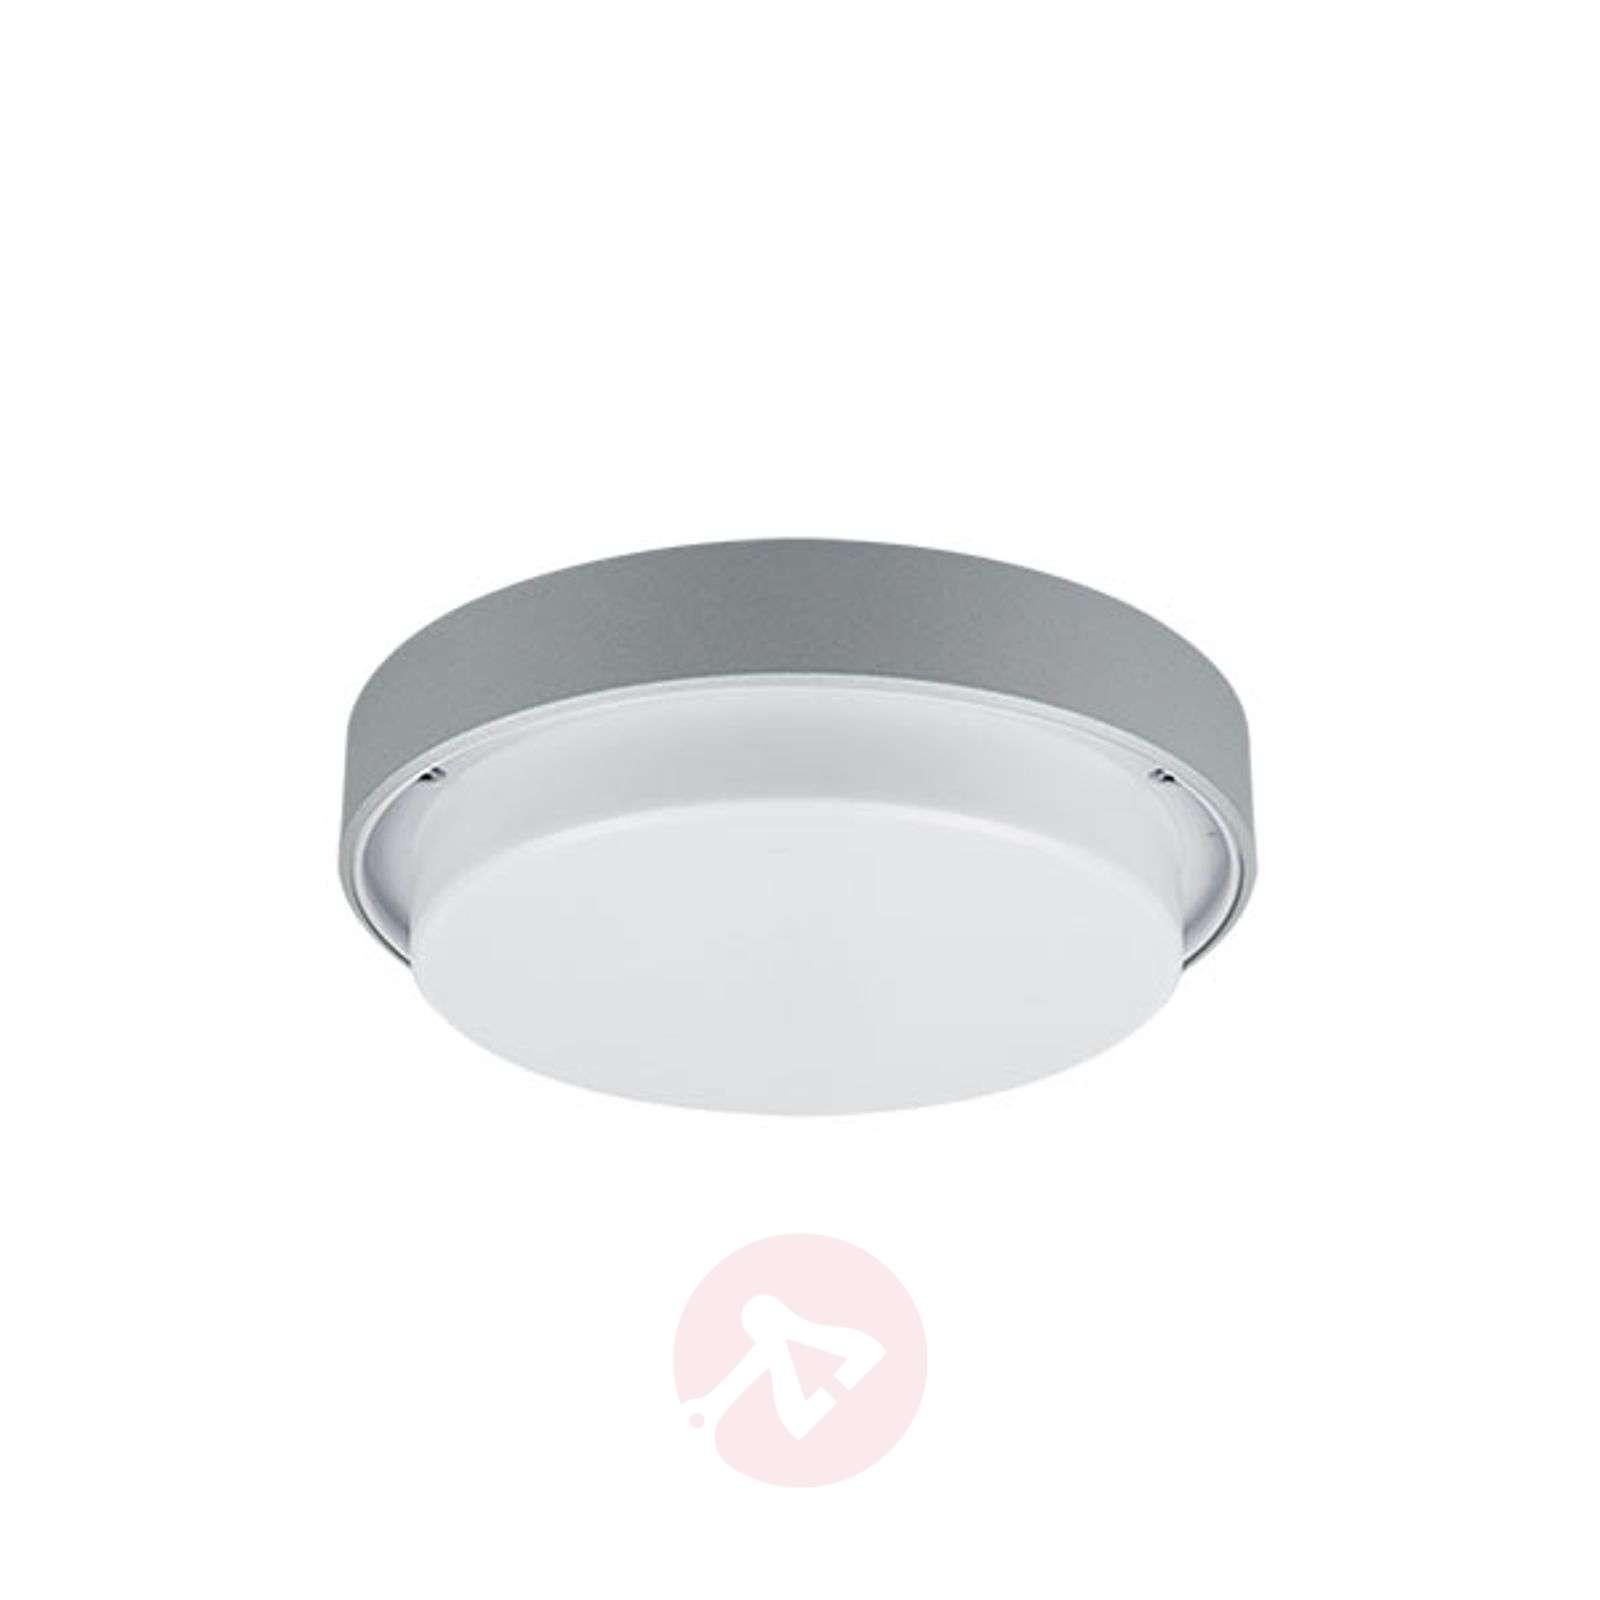 LED-kattovalaisin A70-S290 HF 15W 3000K-6040198-01